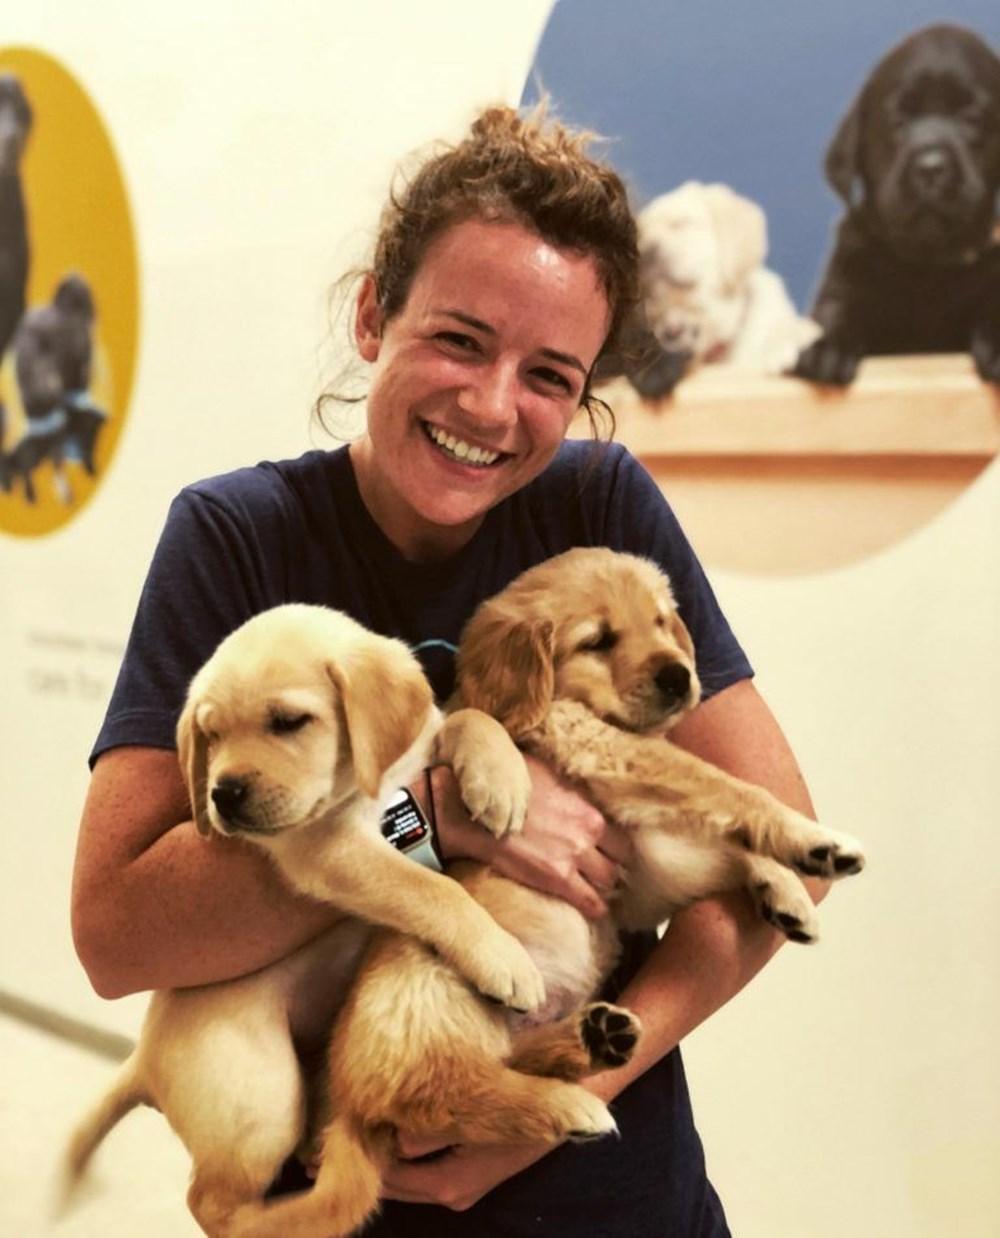 Köpekler doğdukları andan itibaren insanları anlayabiliyor - 8